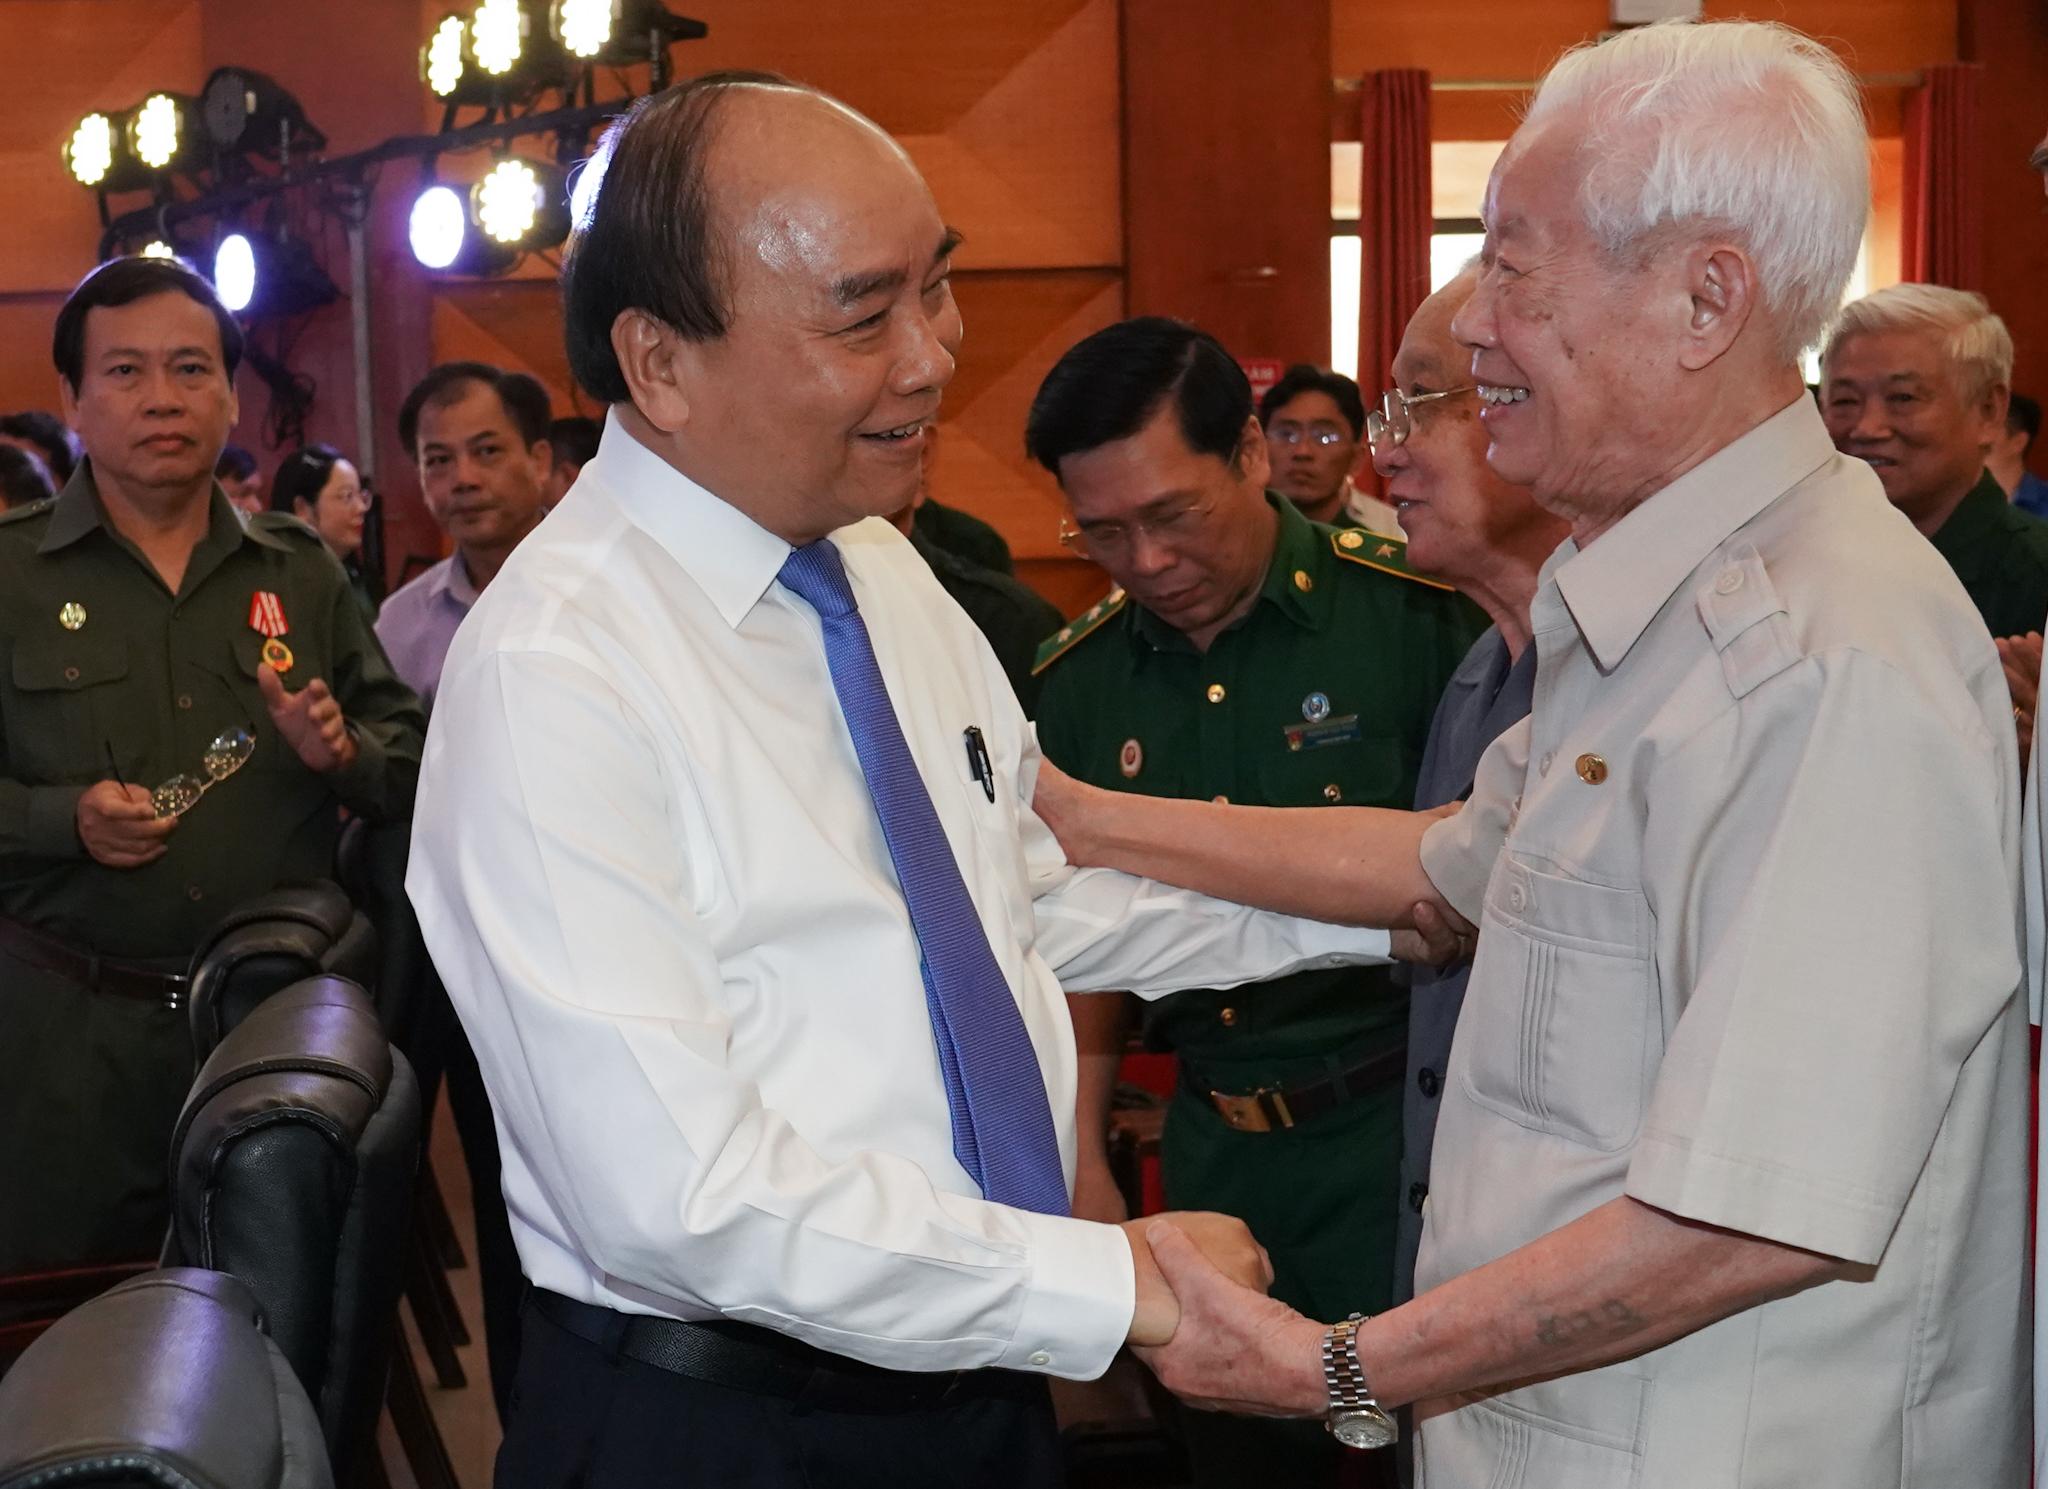 Thủ tướng thăm hỏi các cựu TNXP - Ảnh: VGP/Quang Hiếu